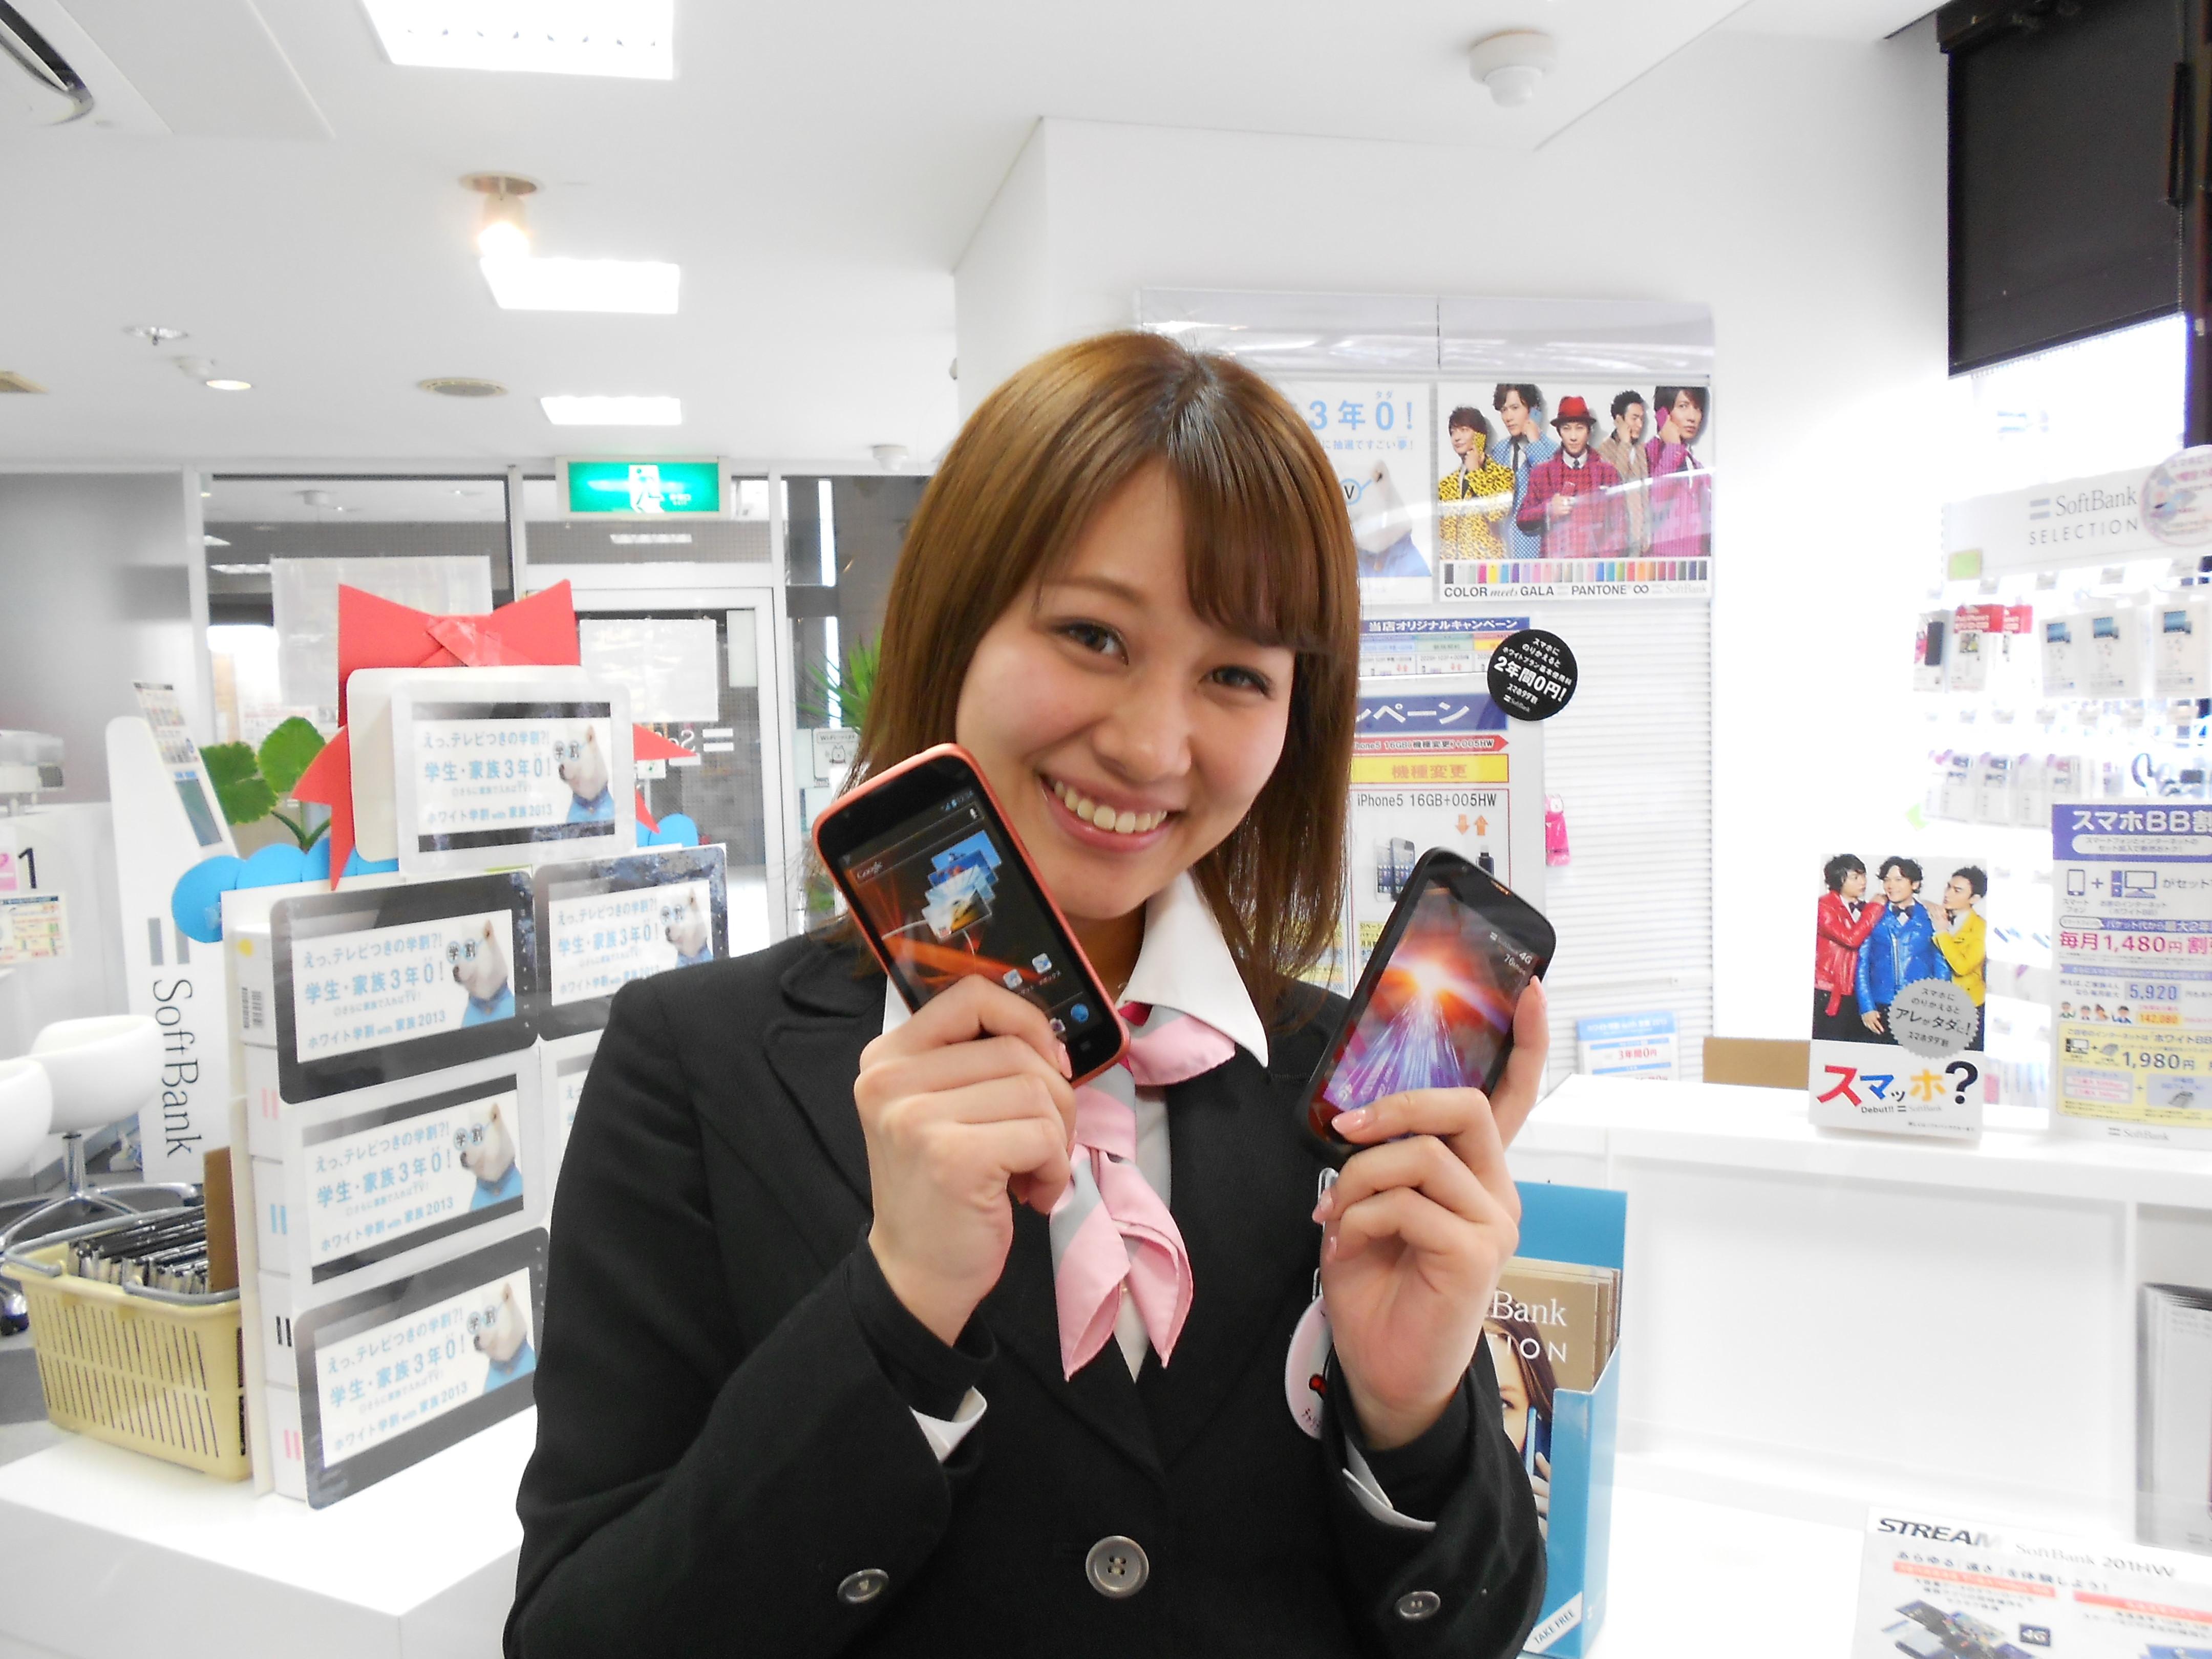 ワイモバイル 瑞穂弥富通(株式会社シエロ)のアルバイト情報